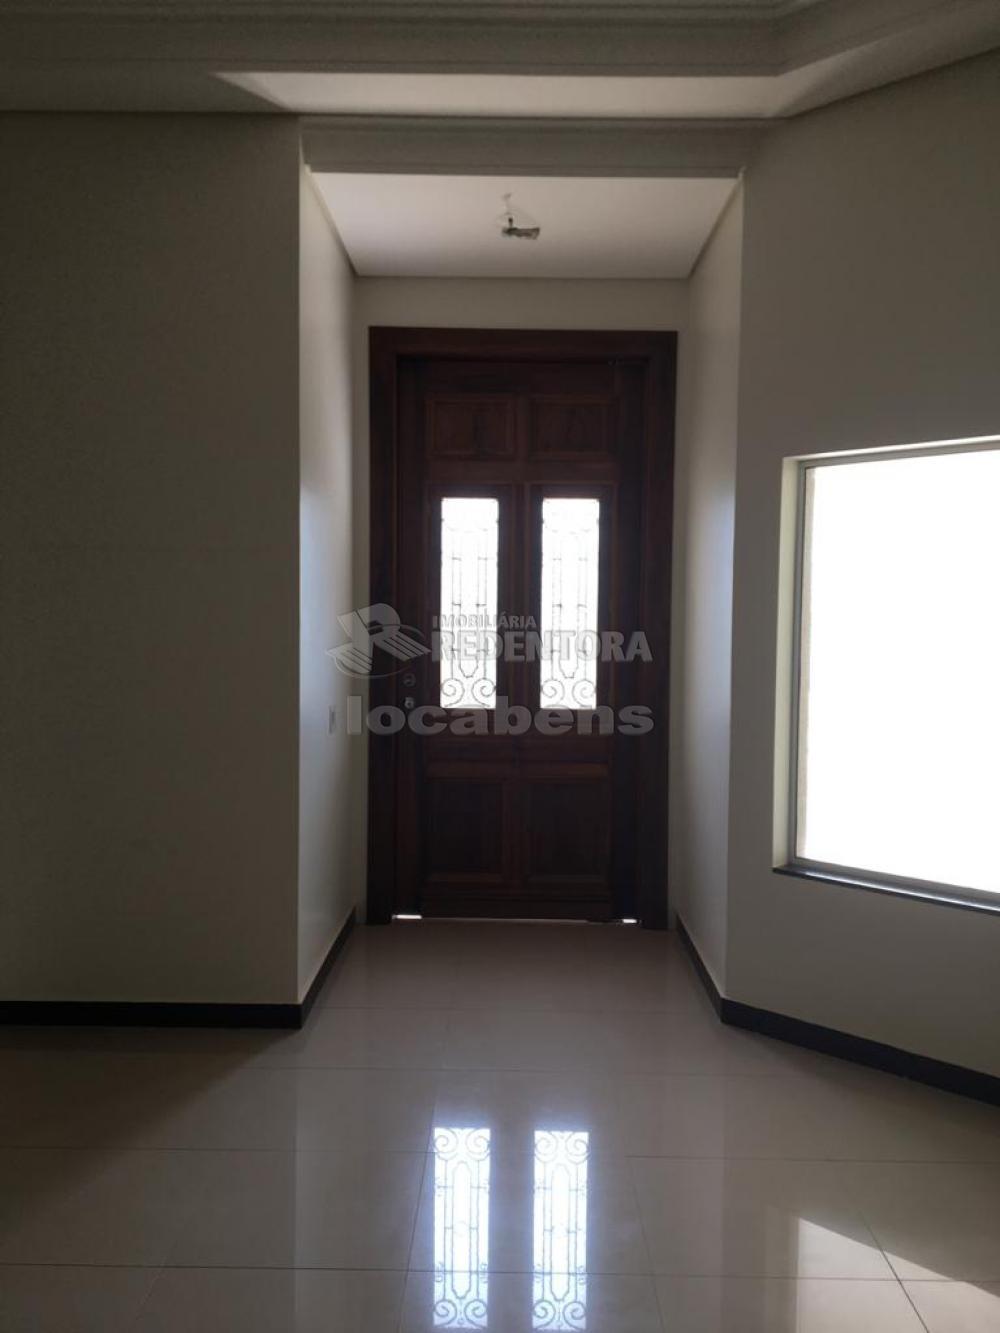 Comprar Casa / Condomínio em São José do Rio Preto R$ 1.600.000,00 - Foto 25